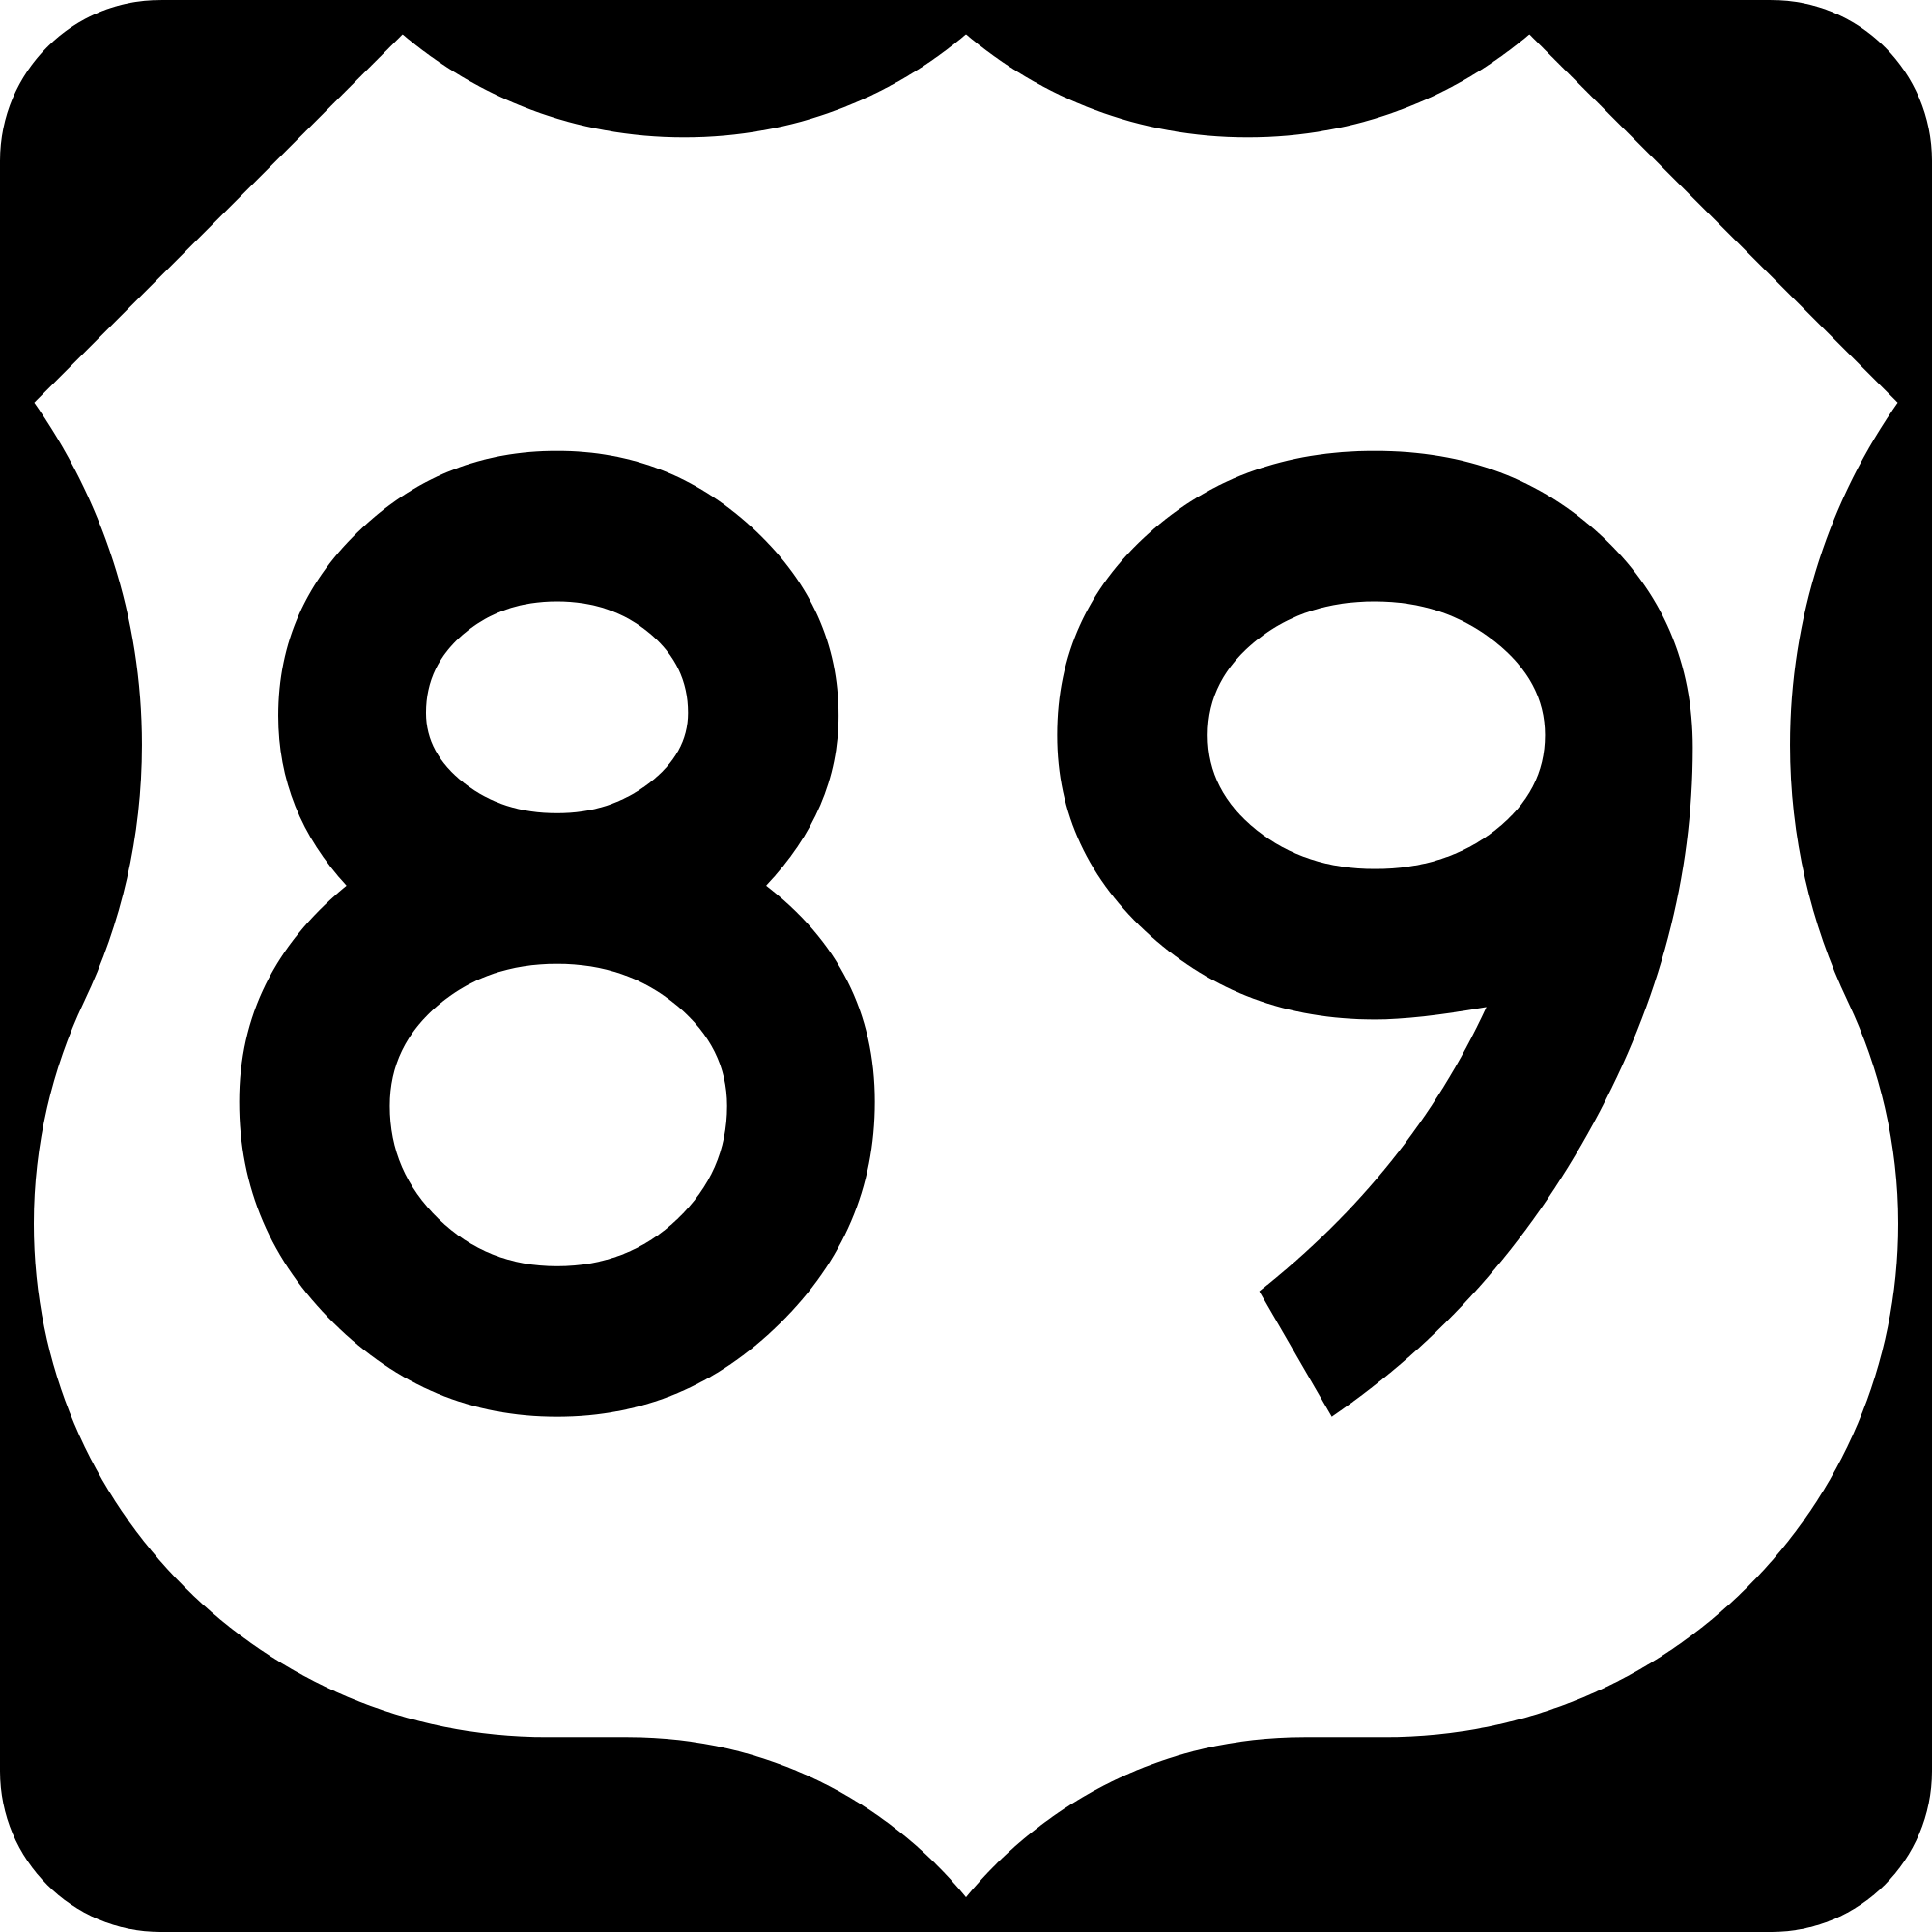 File:US 89.svg.